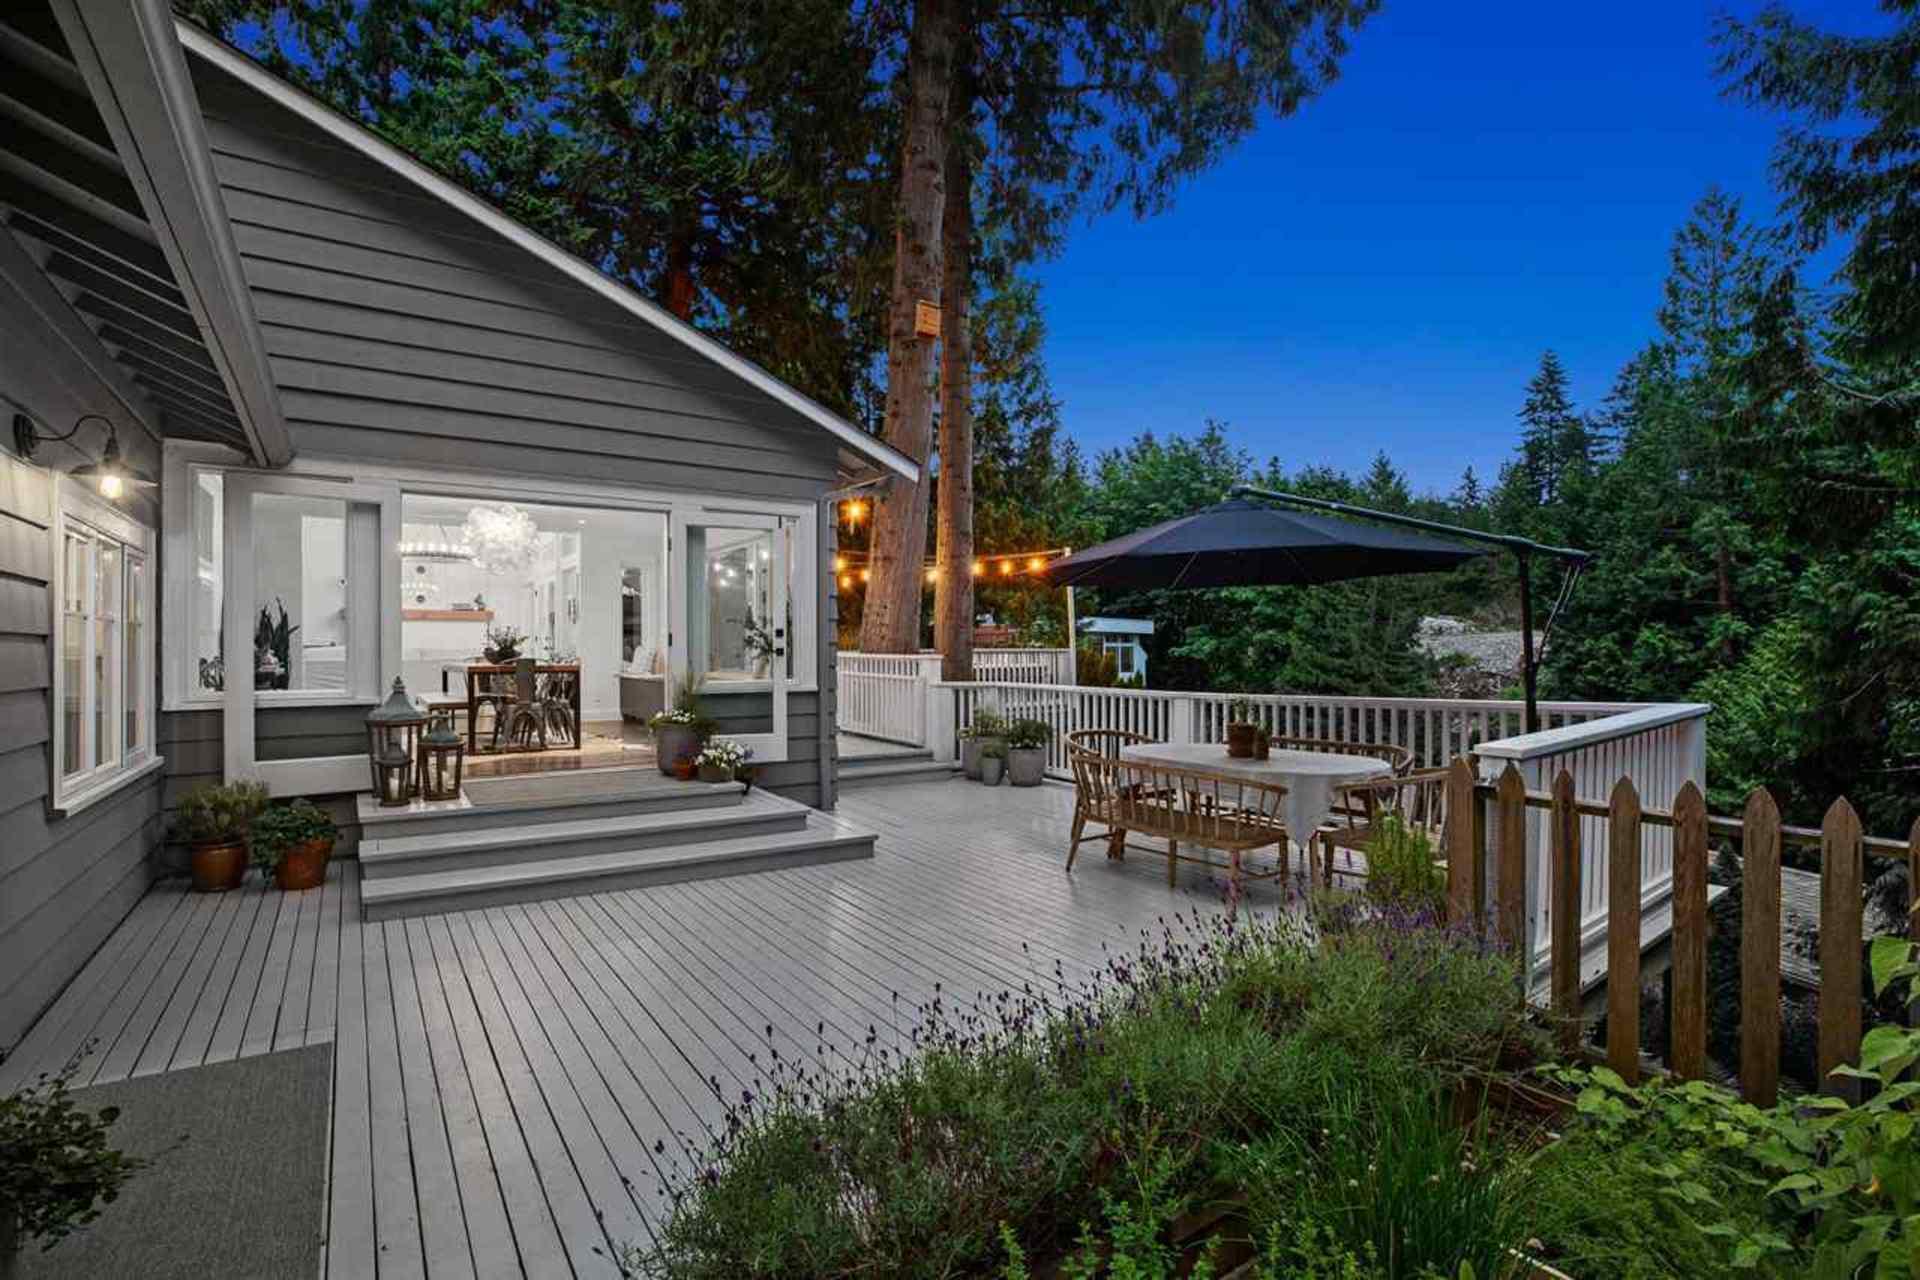 5775-cranley-drive-eagle-harbour-west-vancouver-09 at 5775 Cranley Drive, Eagle Harbour, West Vancouver